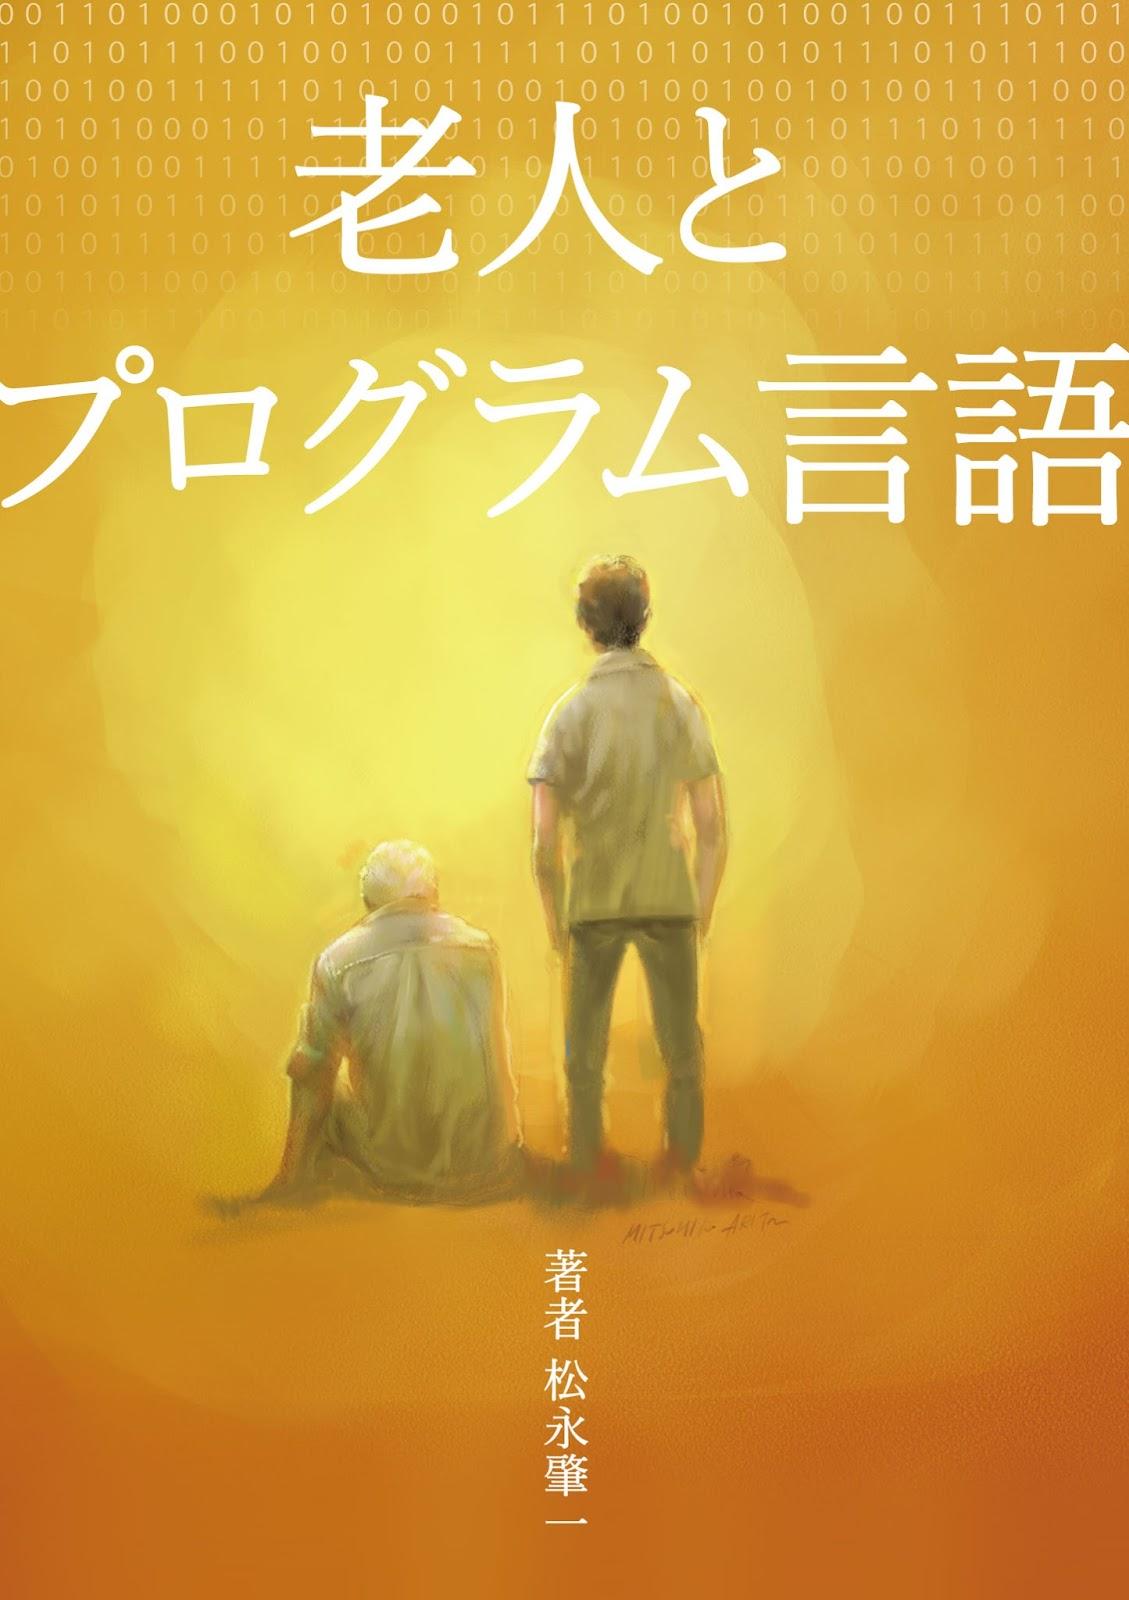 松永肇一『老人とプログラム言語』〈群雛NovelJam〉